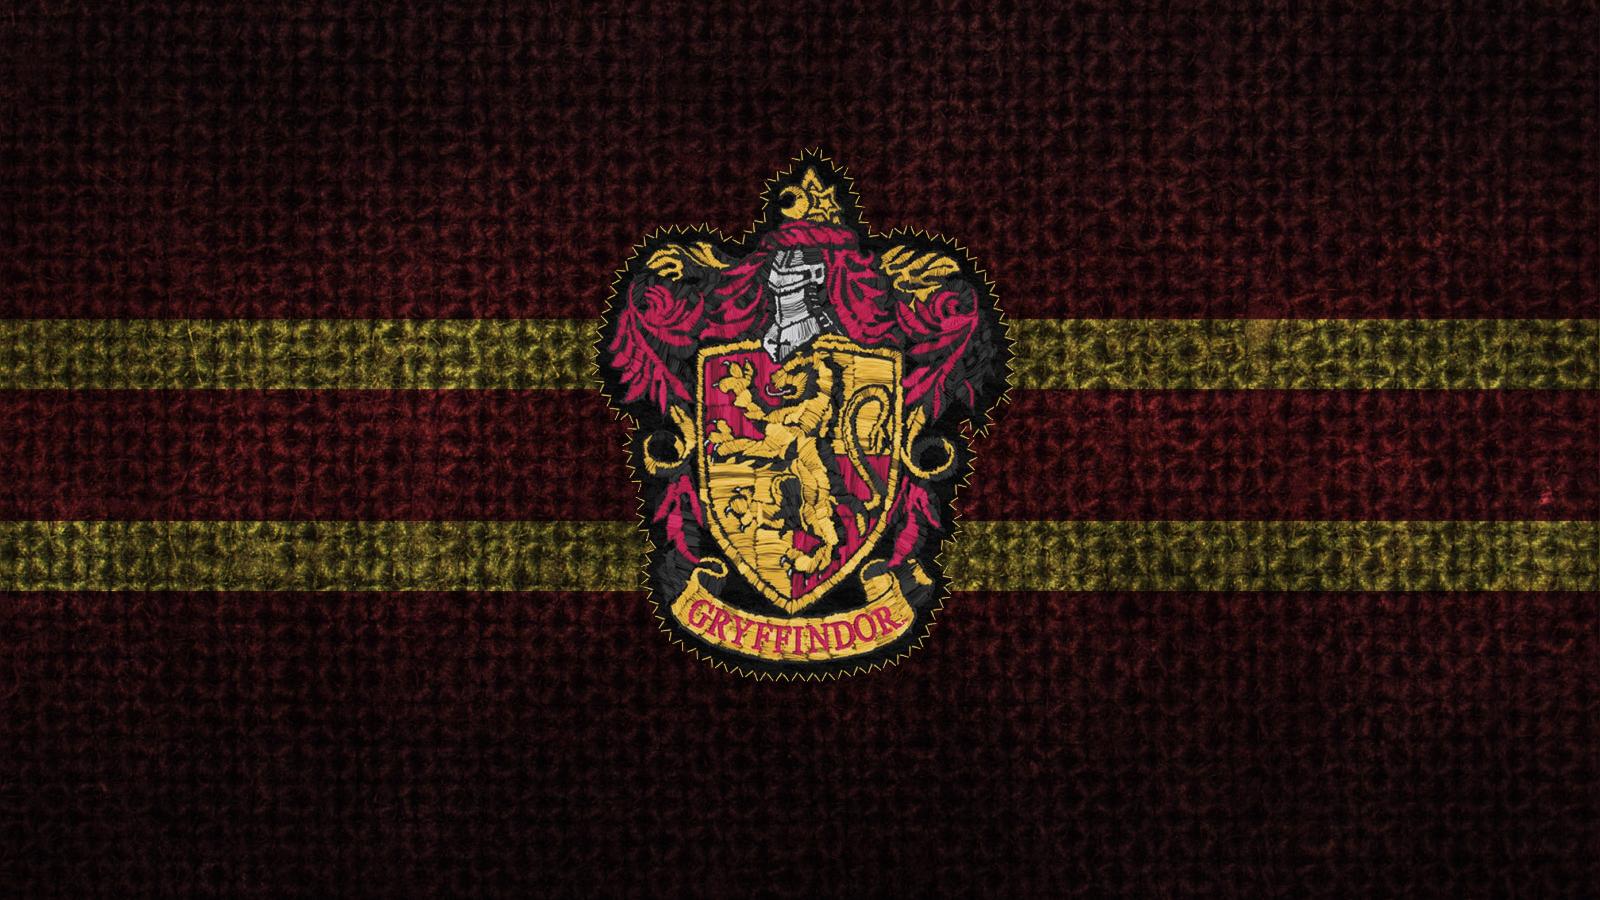 Free Download Gryffindor Harry Potter Hogwarts Crest Best